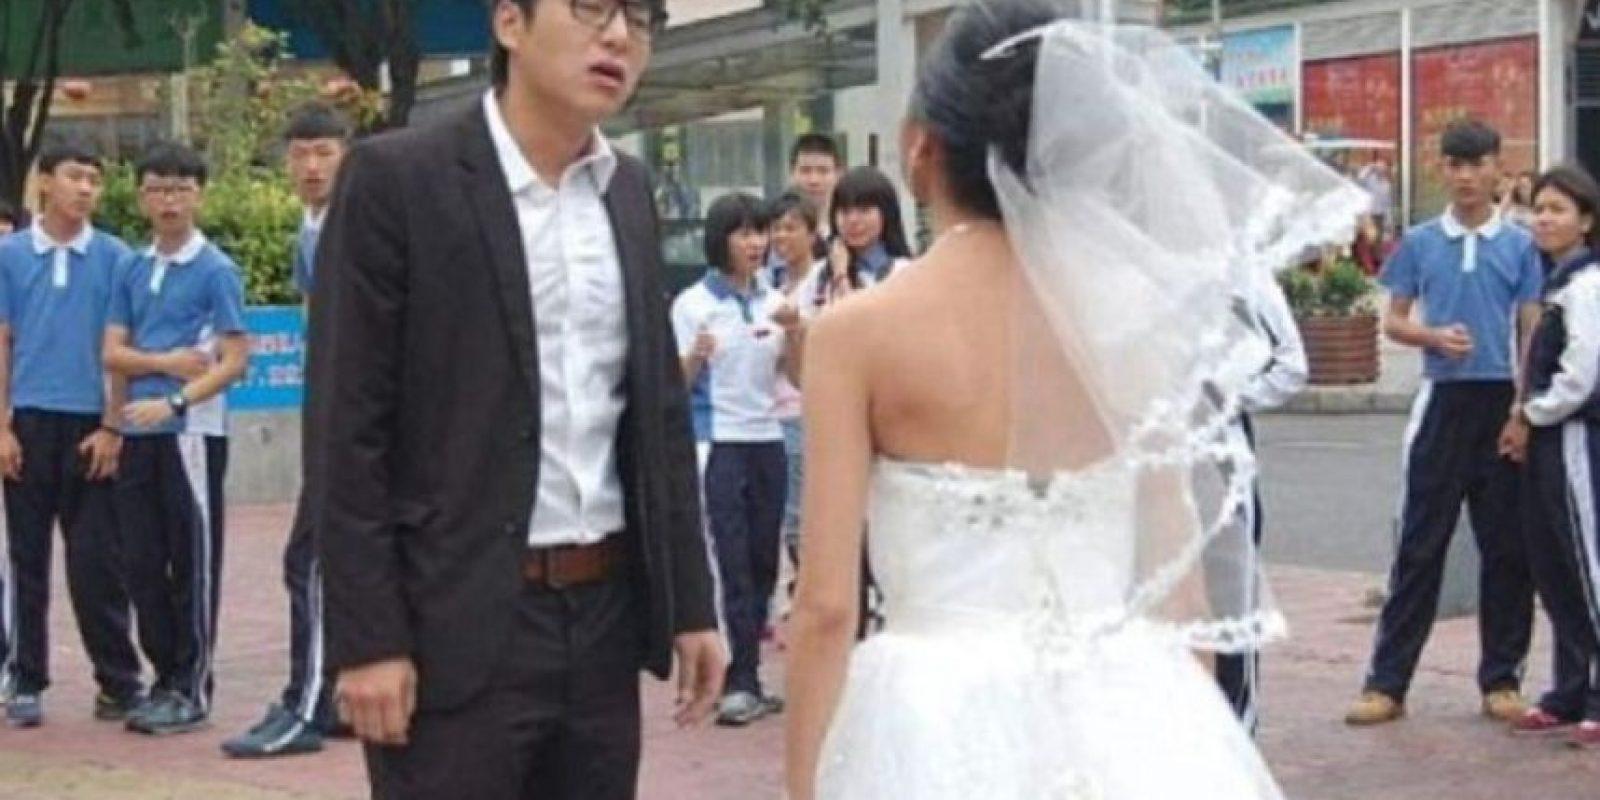 """Esperaba que él le dijera: """"sí, cariño, te amaré con arrugas"""" y le diera un abrazo. Foto:Weibo"""